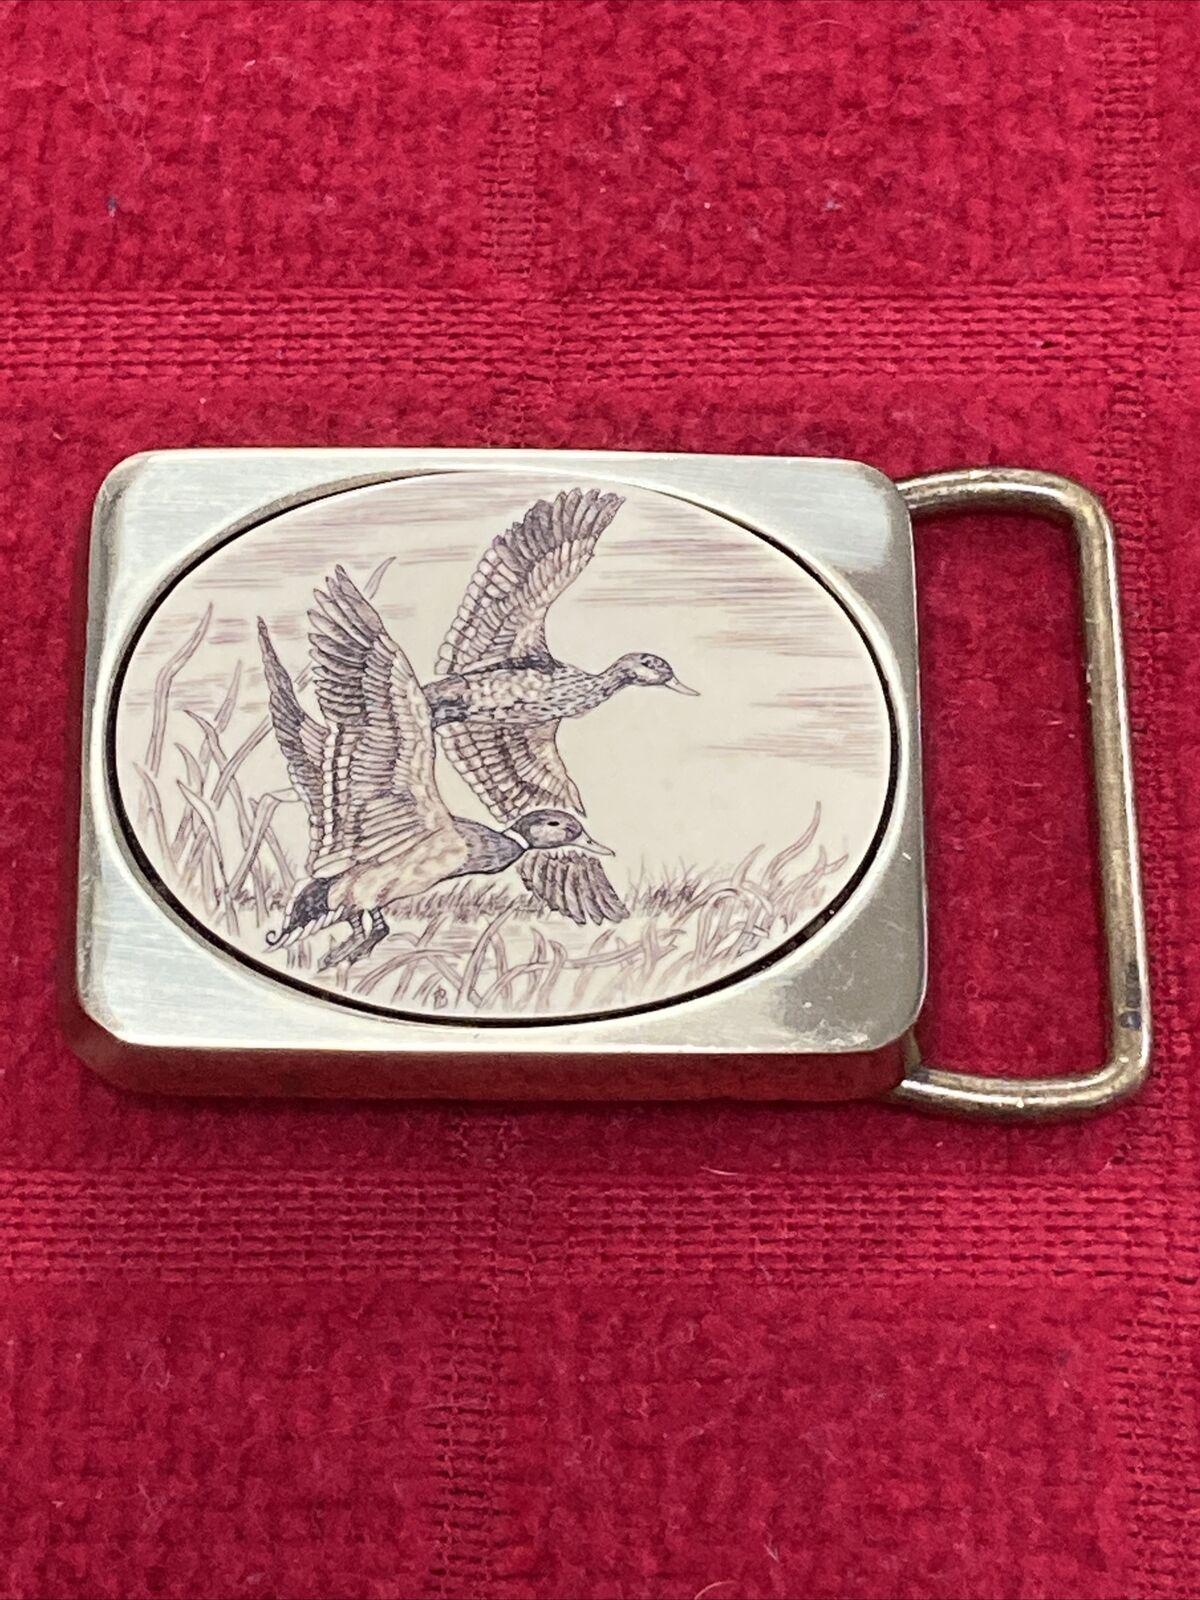 Wisconsin 1983 Duck Hunters Commemorative Belt Buckle by Bergamot Brass Works Flying Ducks Detail